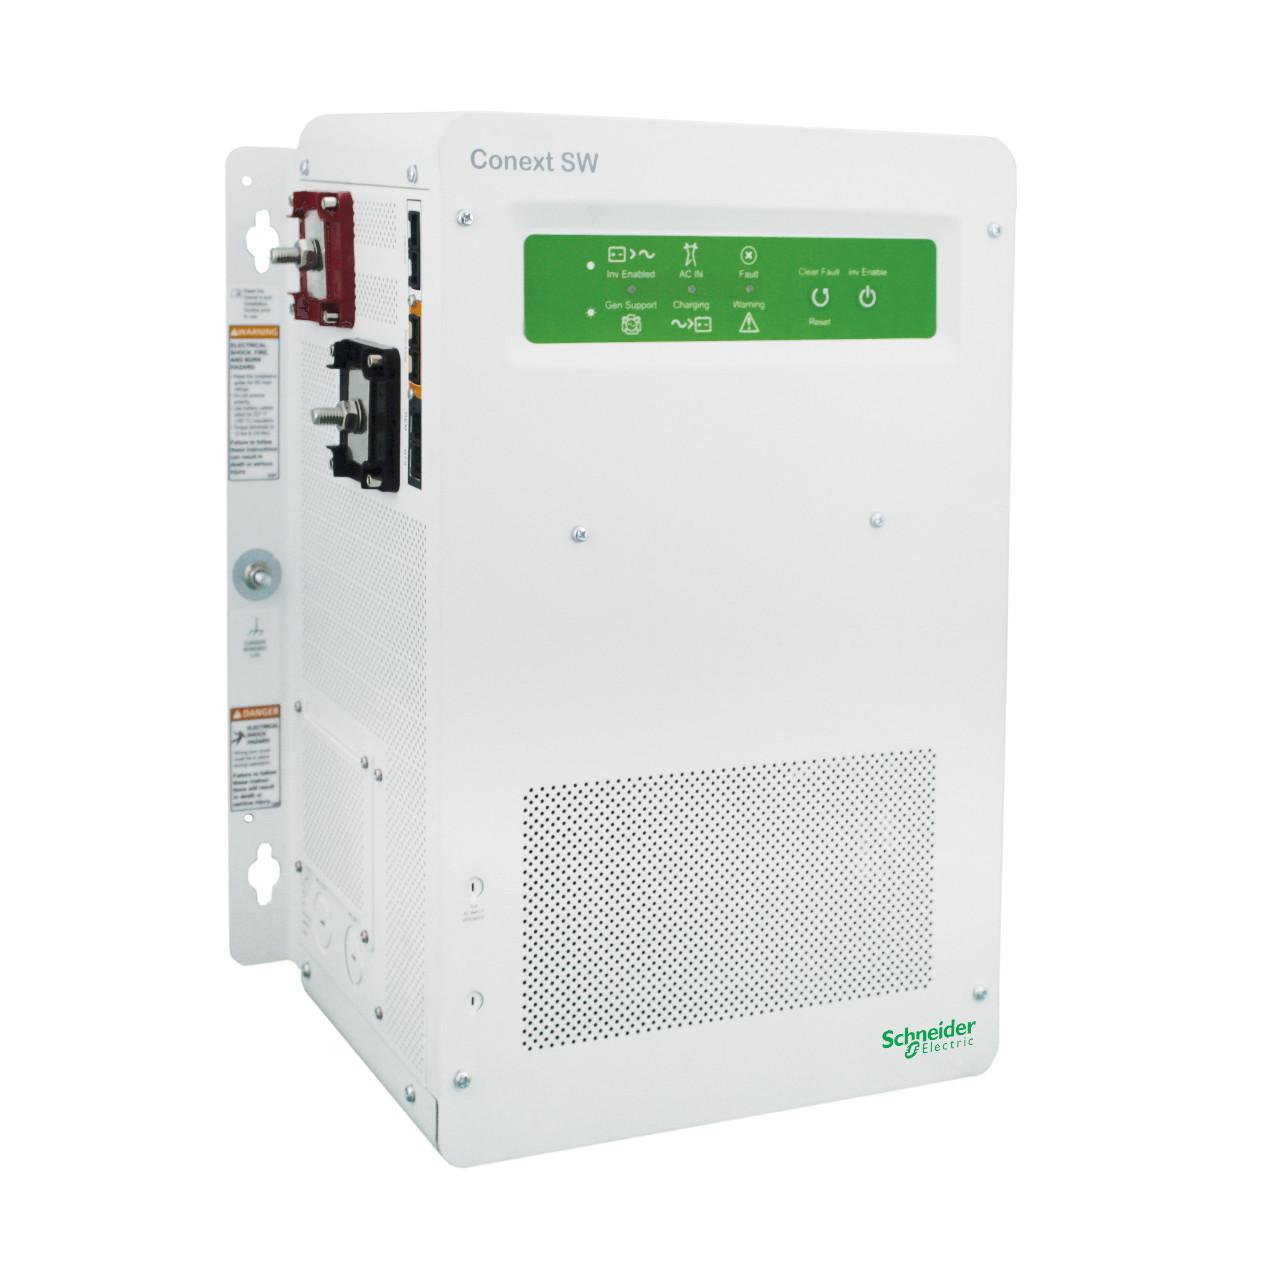 Schneider - Conext SW 4048 Hybrid Inverter